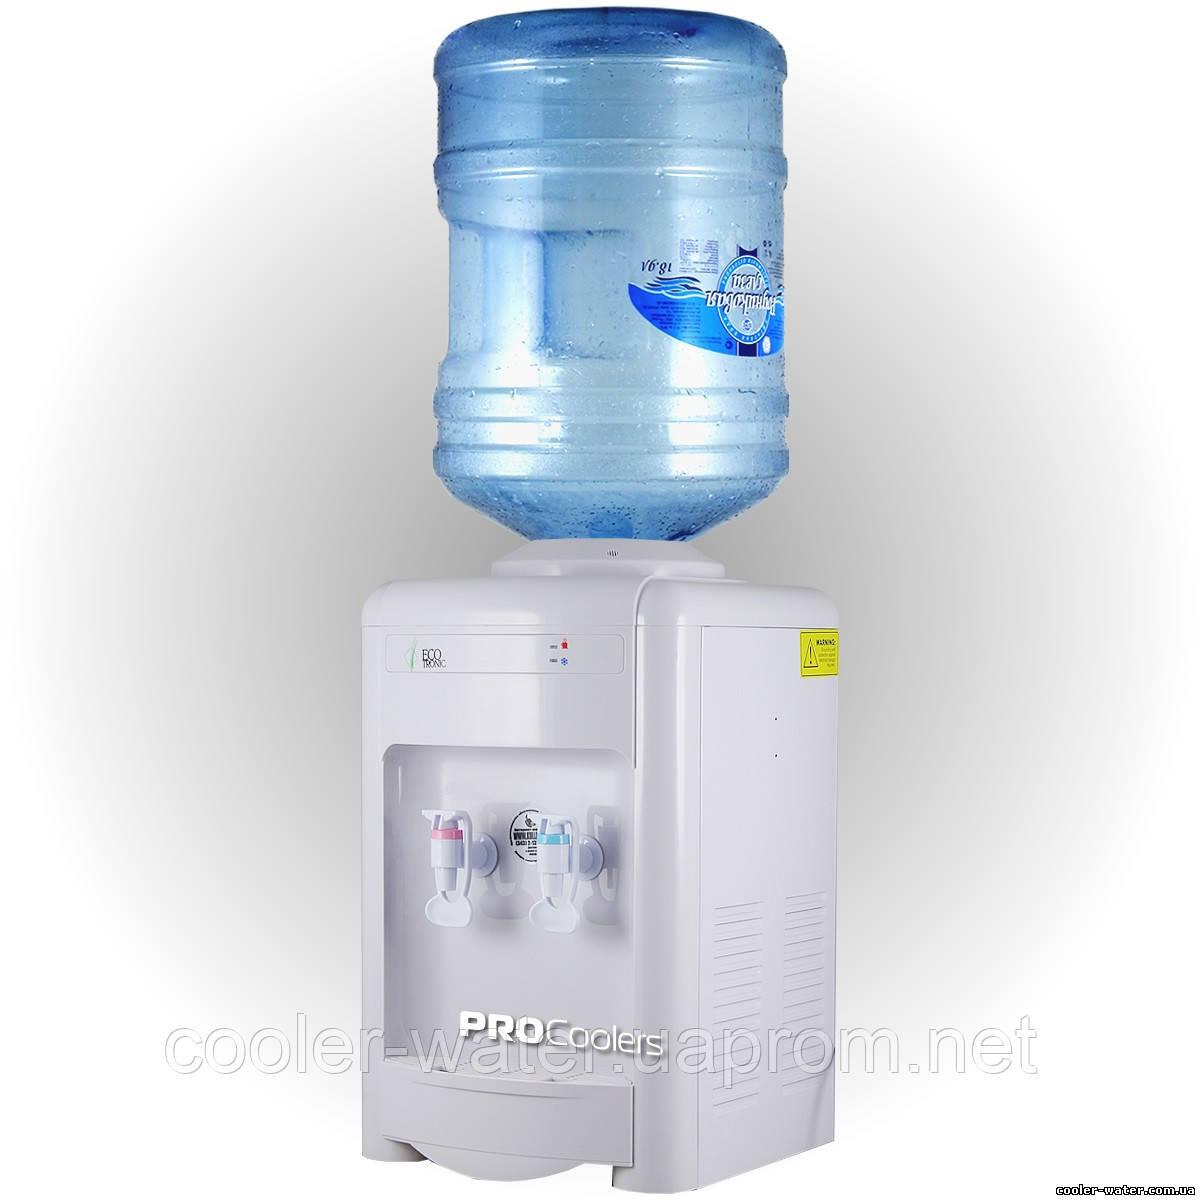 """Кулер для воды Ecotronic V22-TE White - Интернет-магазин """"cooler-water"""" - Кулеры и аксессуары для воды в Киеве"""